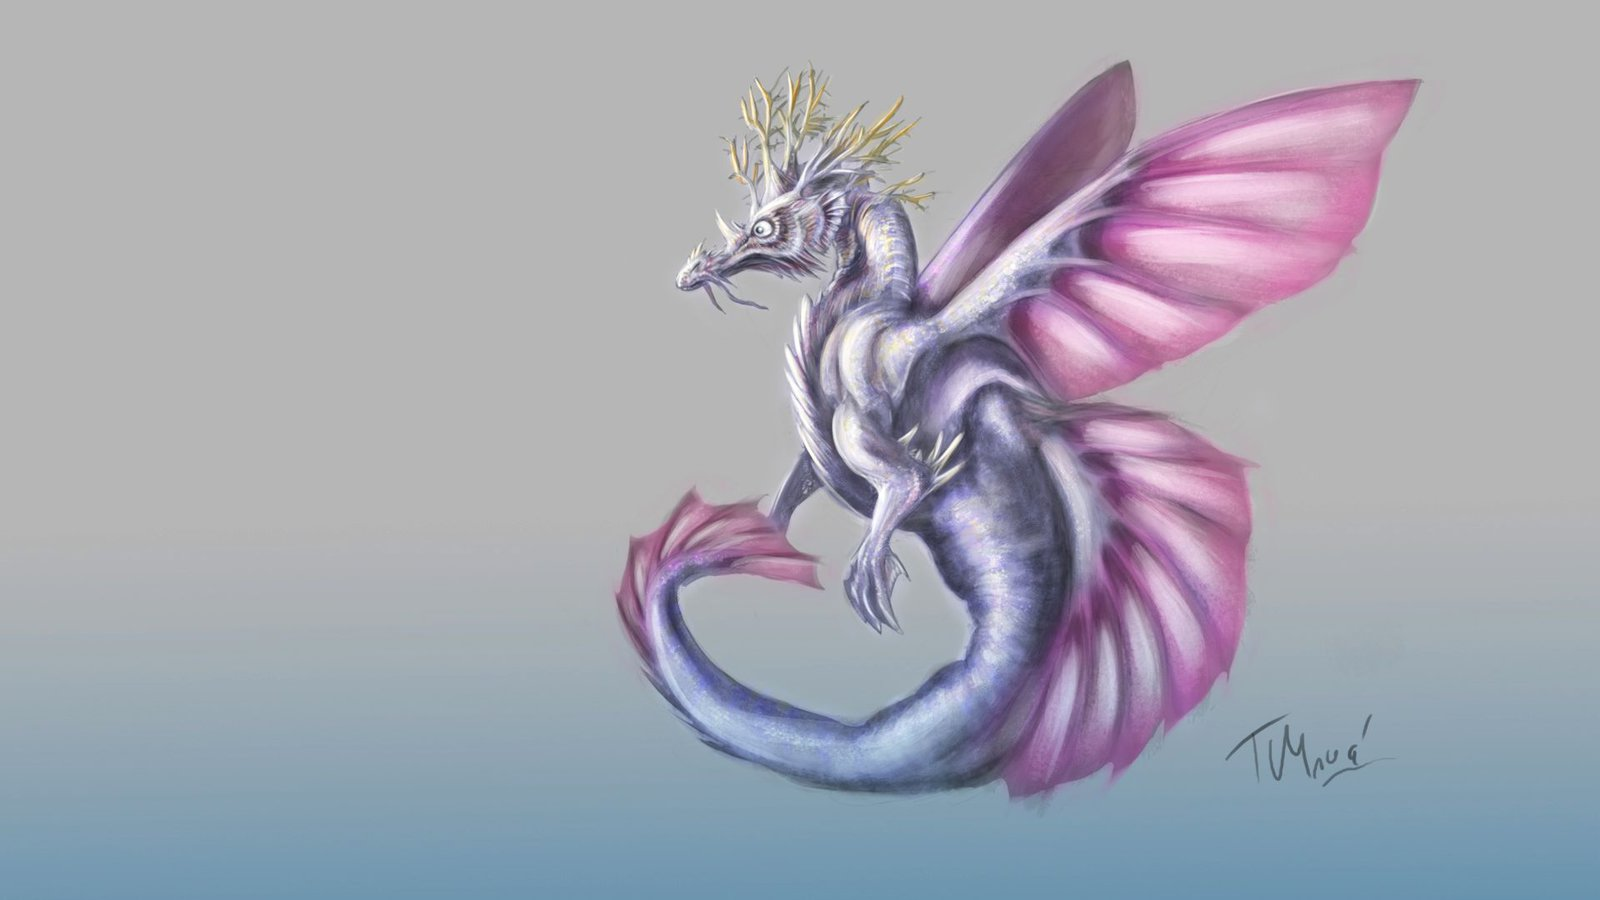 Drawn seahorse dragon ArtKitt ArtKitt Dragon on Creations